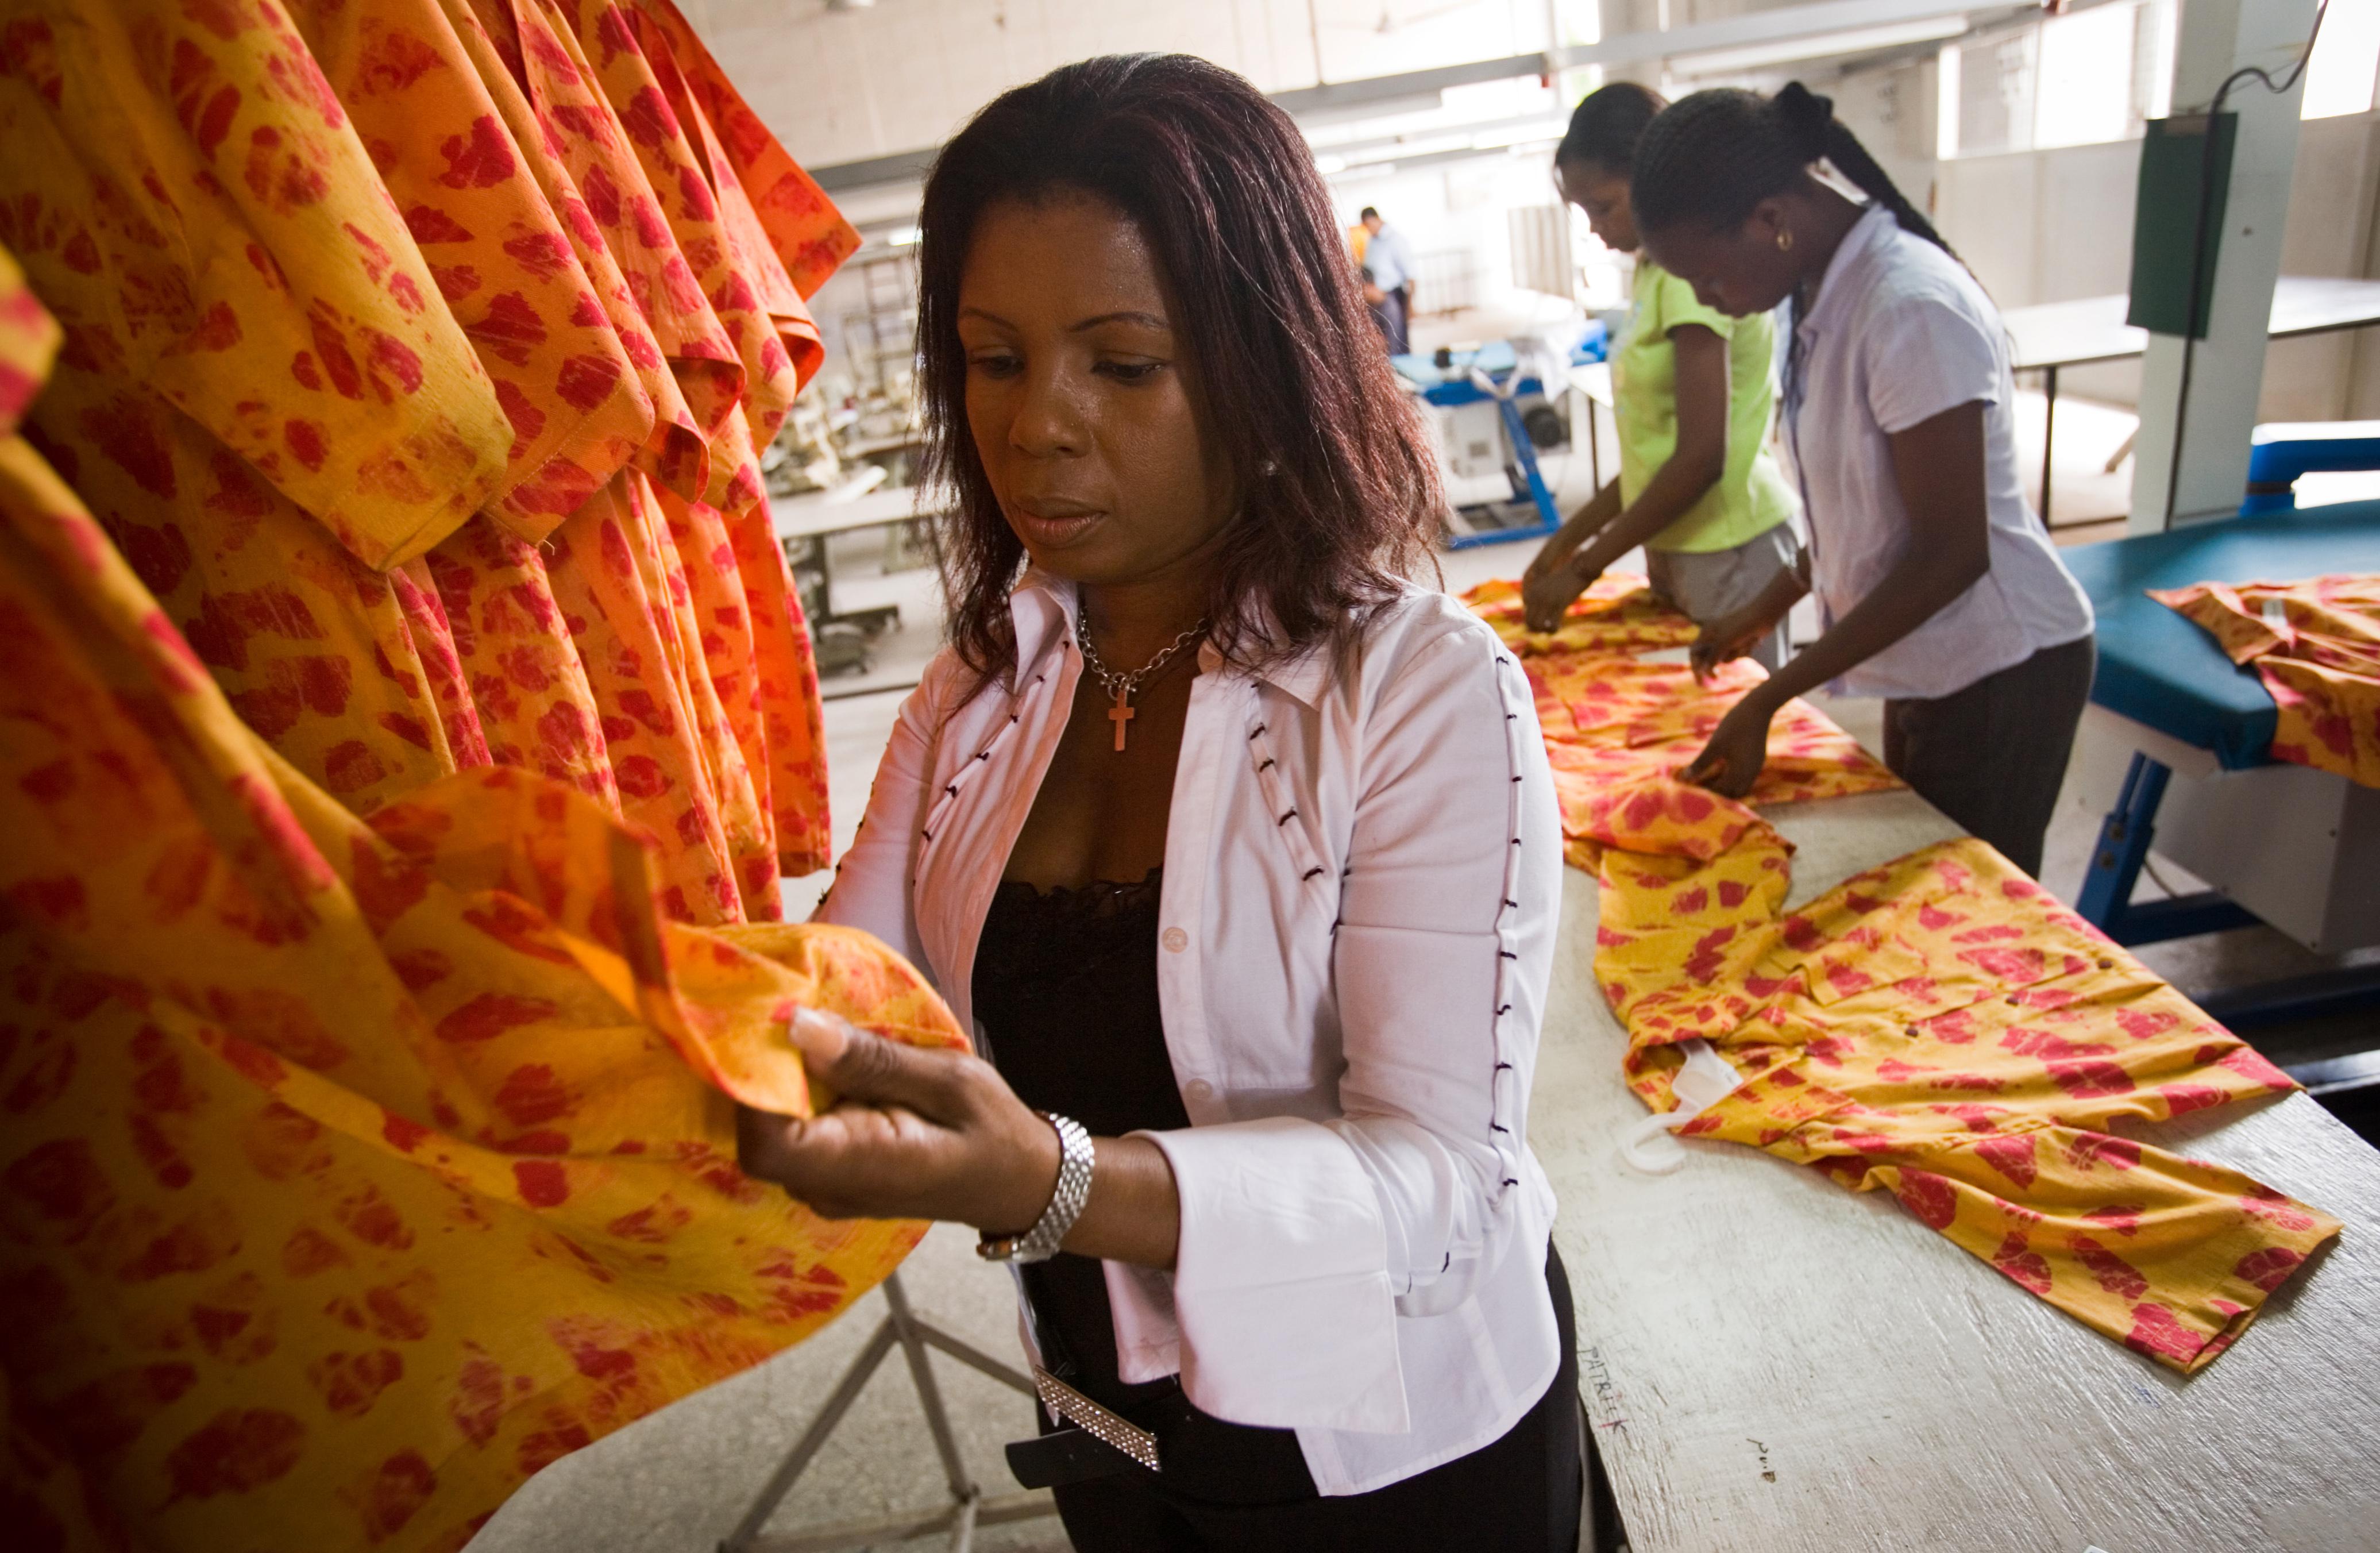 Des femmes inspectent des vêtements dans une usine de confection au Ghana (© AP Images)